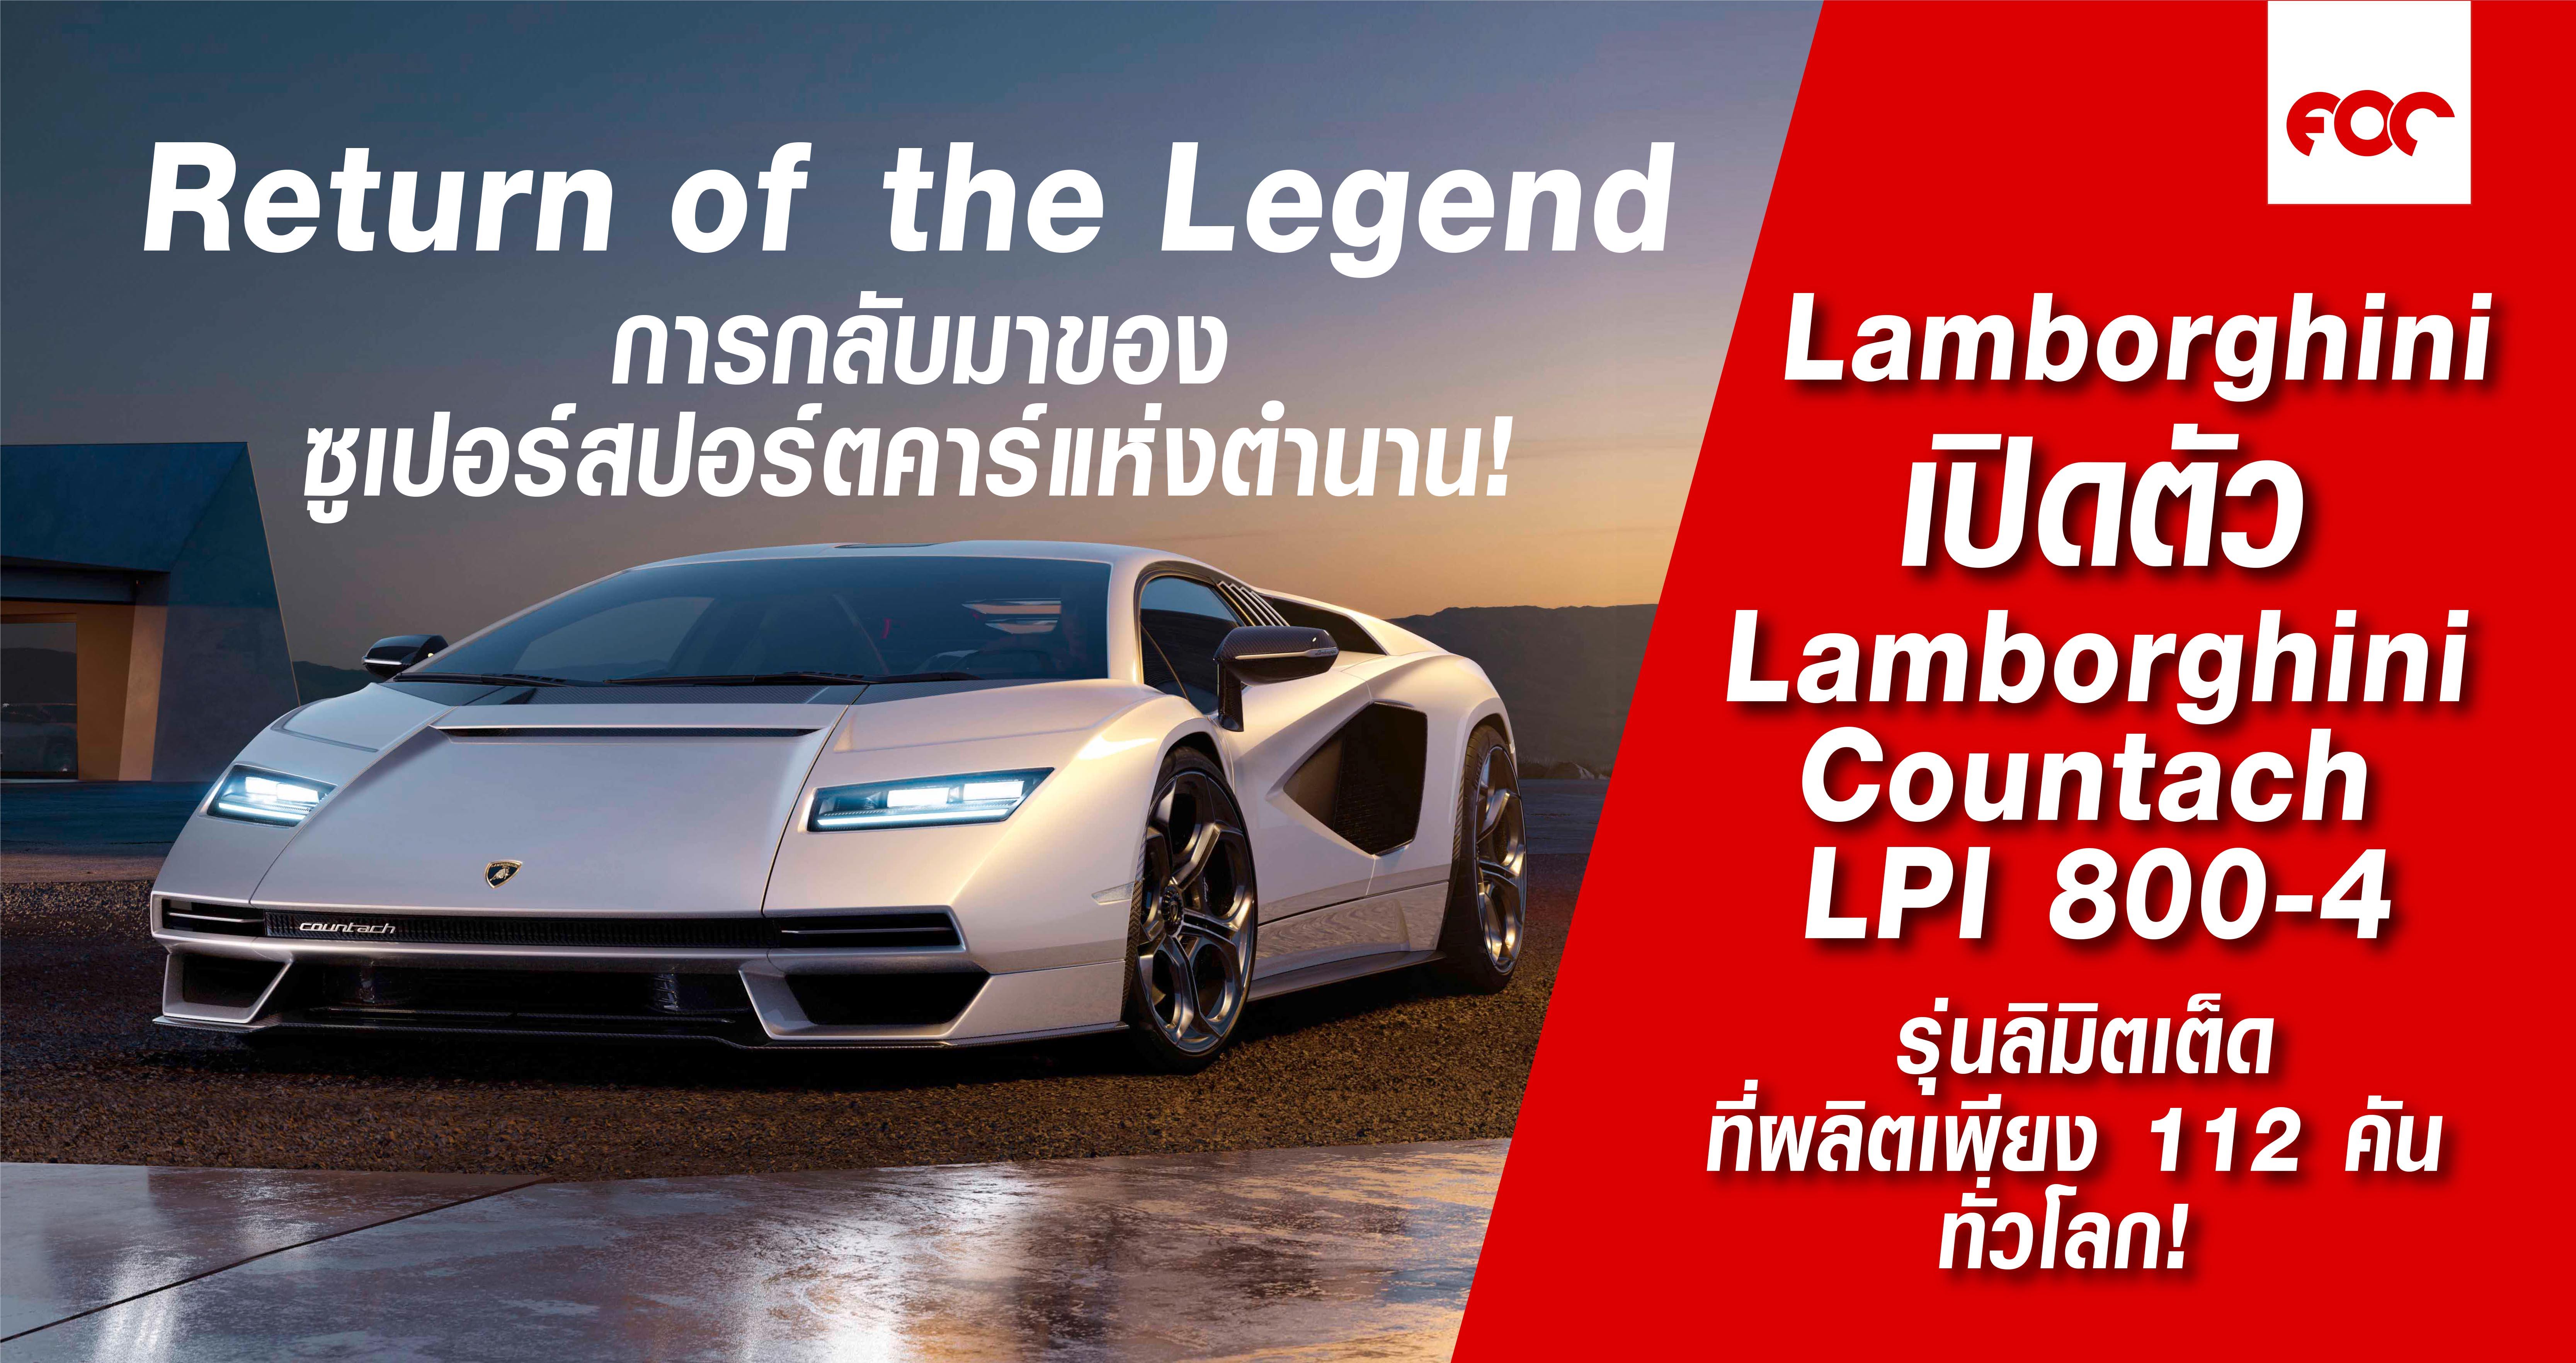 Lamborghini  Countach LPI 800-4  ผลิตเพียง 112 คัน ทั่วโลก!!